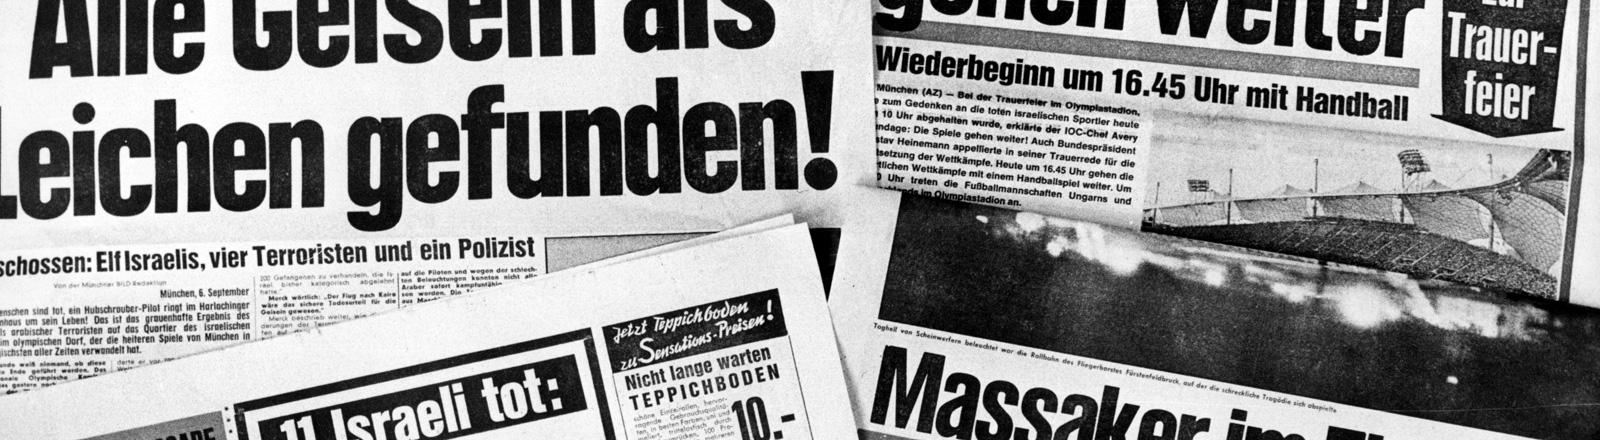 """Schwarz-Weiß-Foto. Zeitungen liegen nebeneinander. Zu lesen ist """"11 Israeli tot"""" oder auch """"Massaker im Flutlicht""""."""